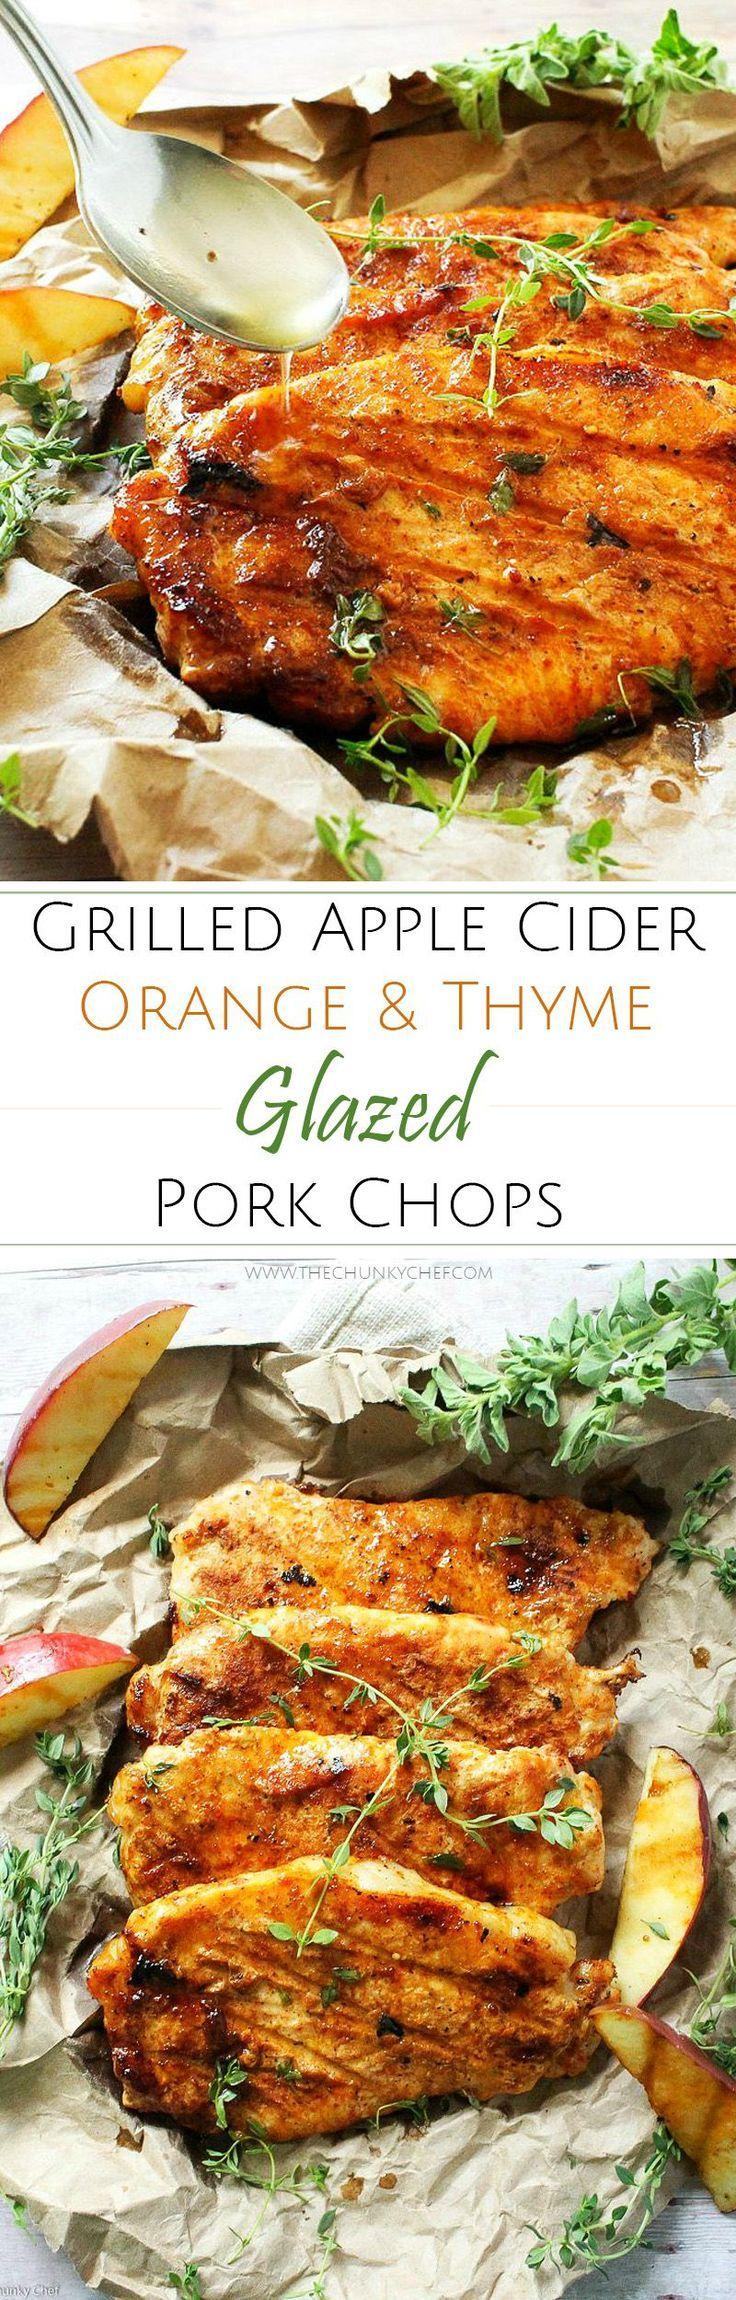 Apple Cider Orange and Thyme Grilled Pork Chops